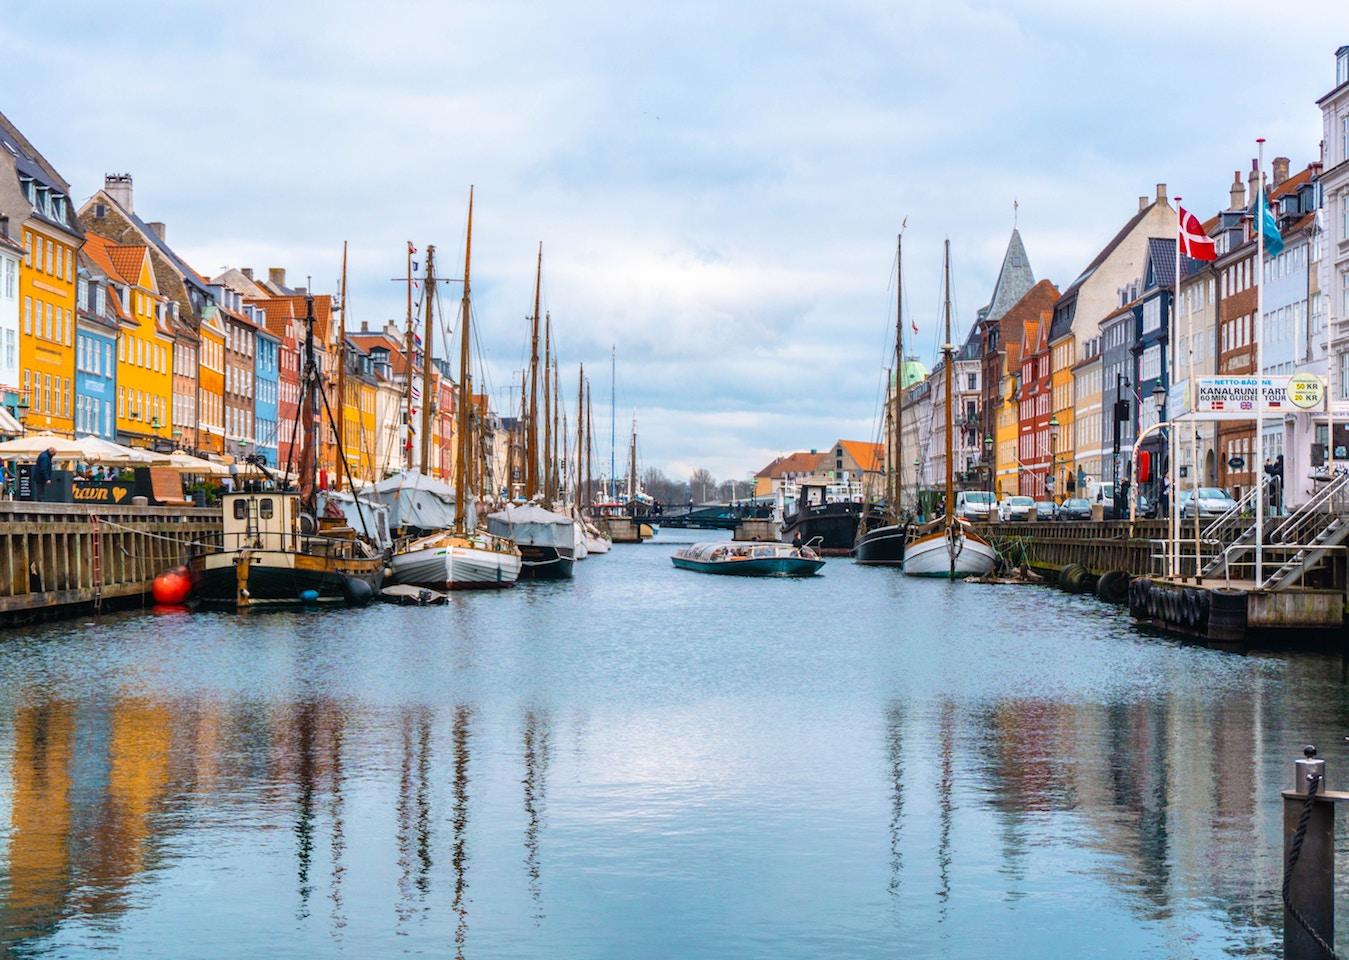 Seit 15 Jahren lässt das dänische Label Rains in der selben Produktionsstätte produzieren. -Fotocredits: Ava Coploff/unsplash